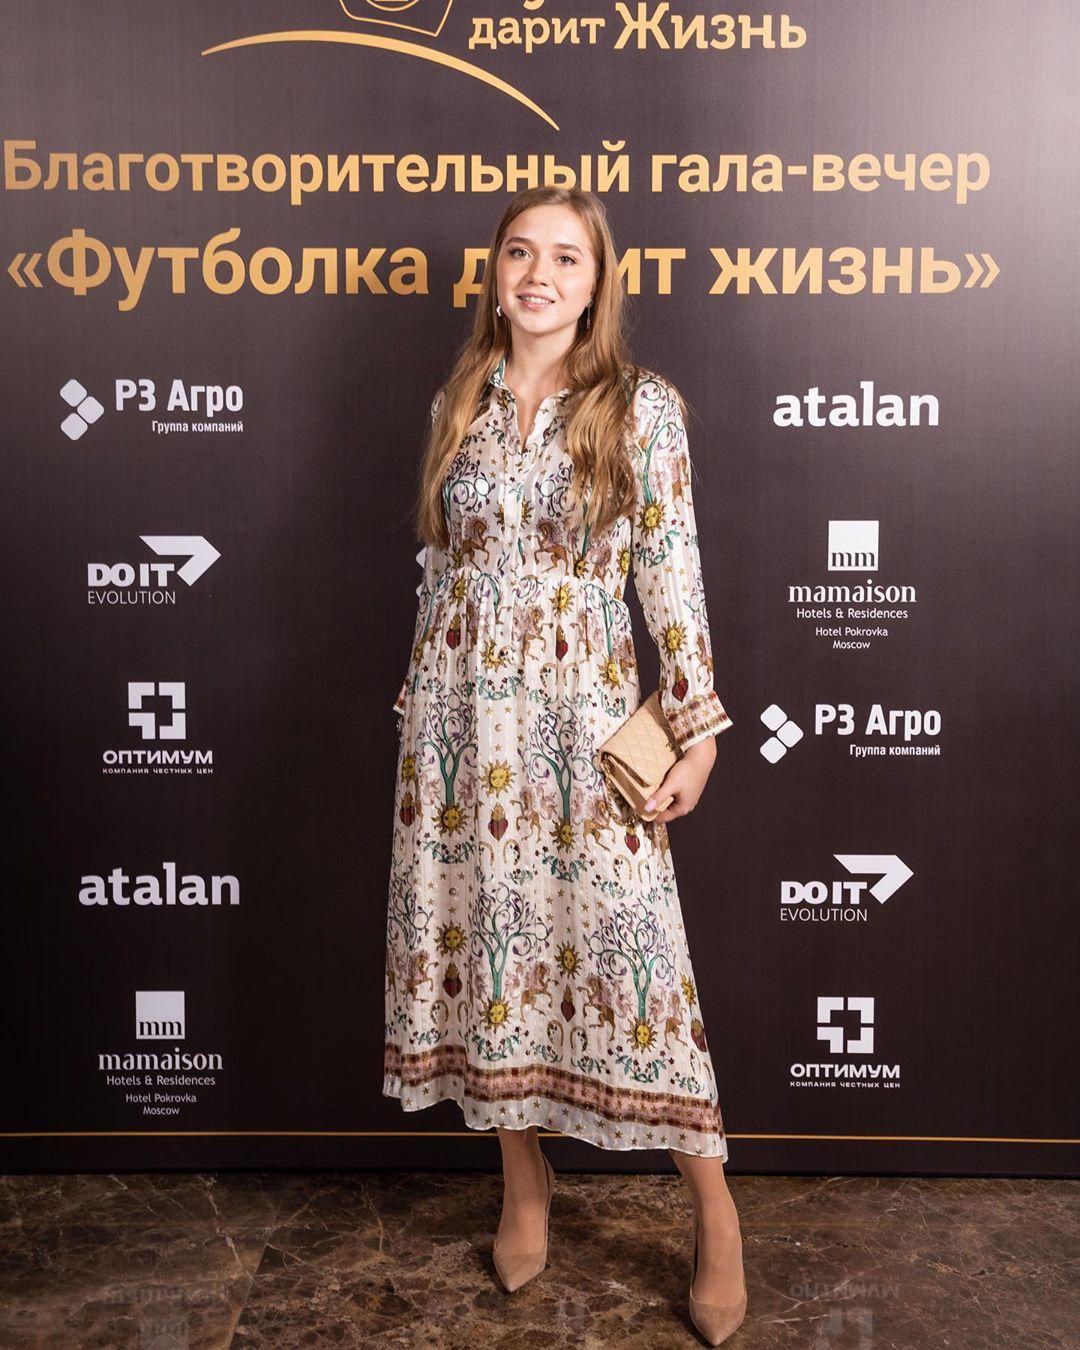 Елена Радионова-4 - Страница 14 Image-9853-1584706207